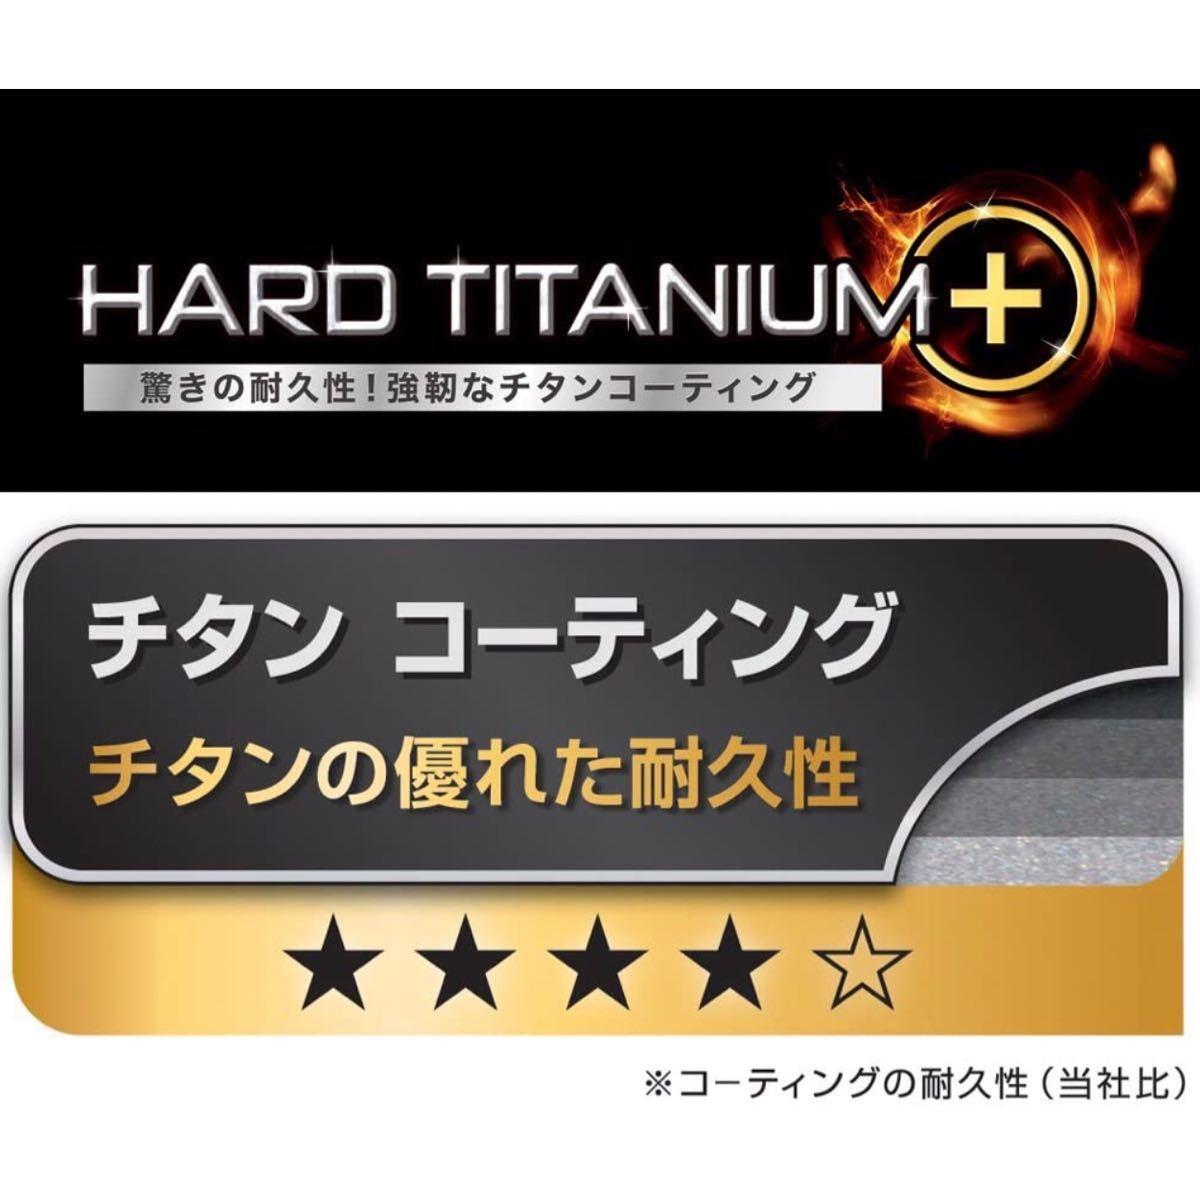 ティファール 「インジニオ・ネオ ハードチタニウム・プラス セット9」